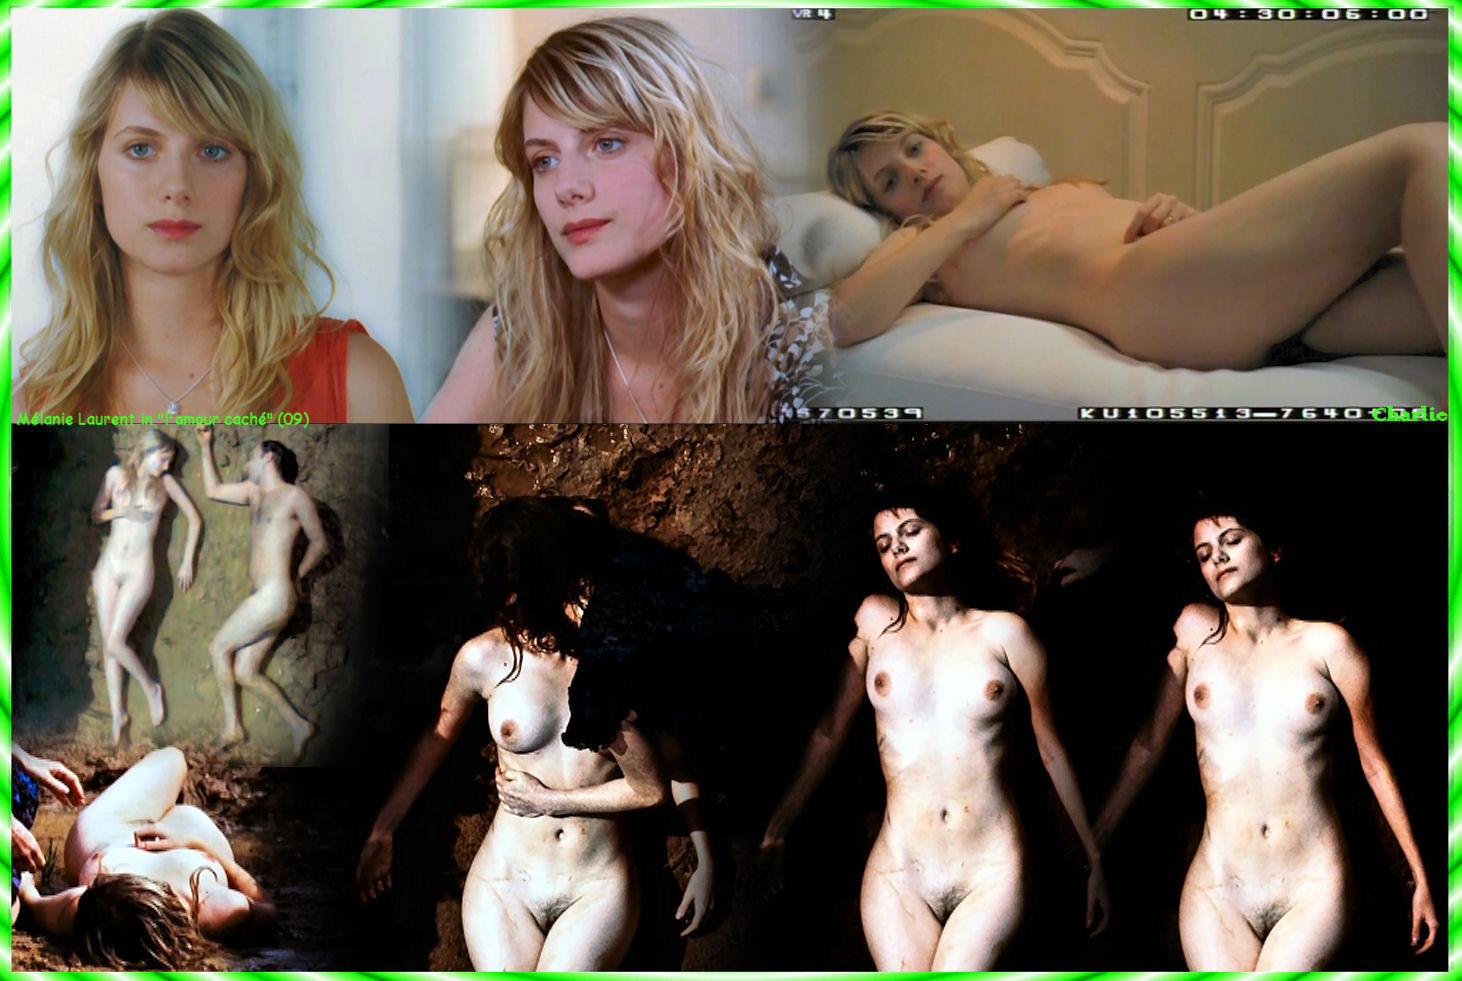 Melanie Laurent nue sur internet